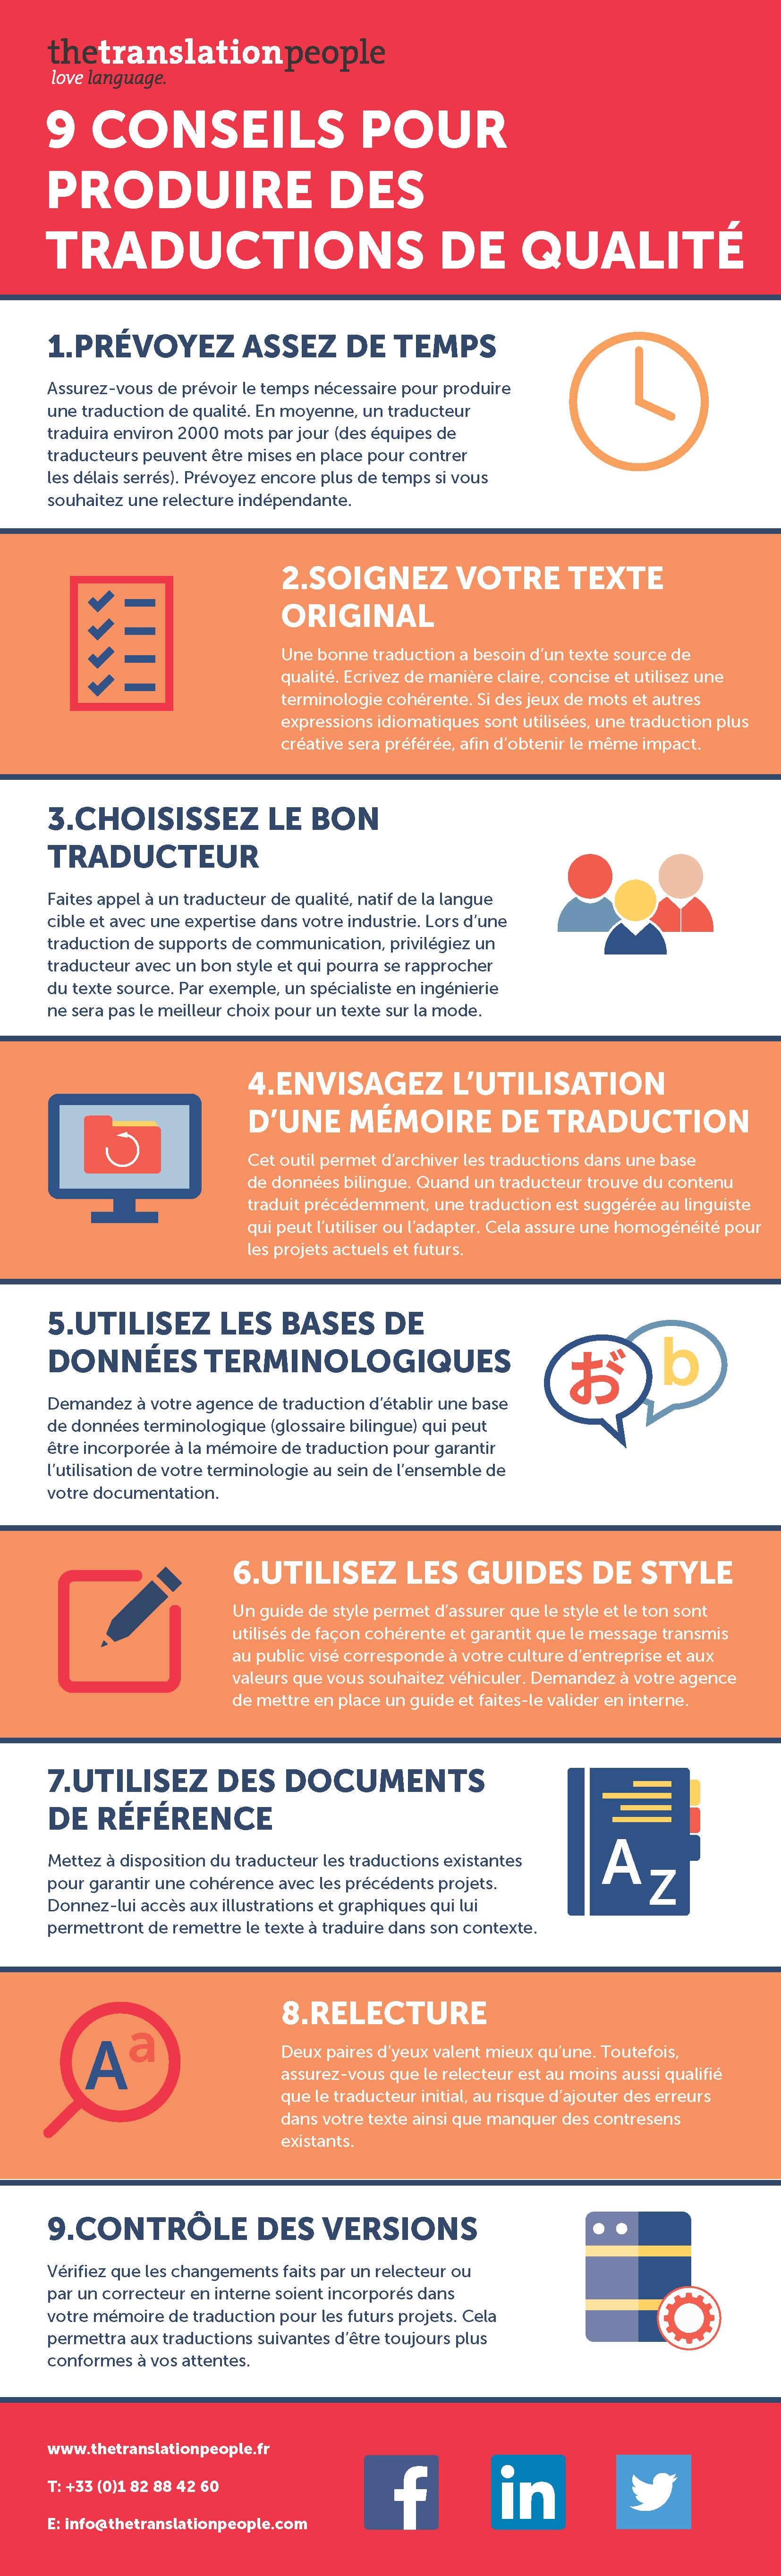 9 conseils pour produire des traductions de qualité